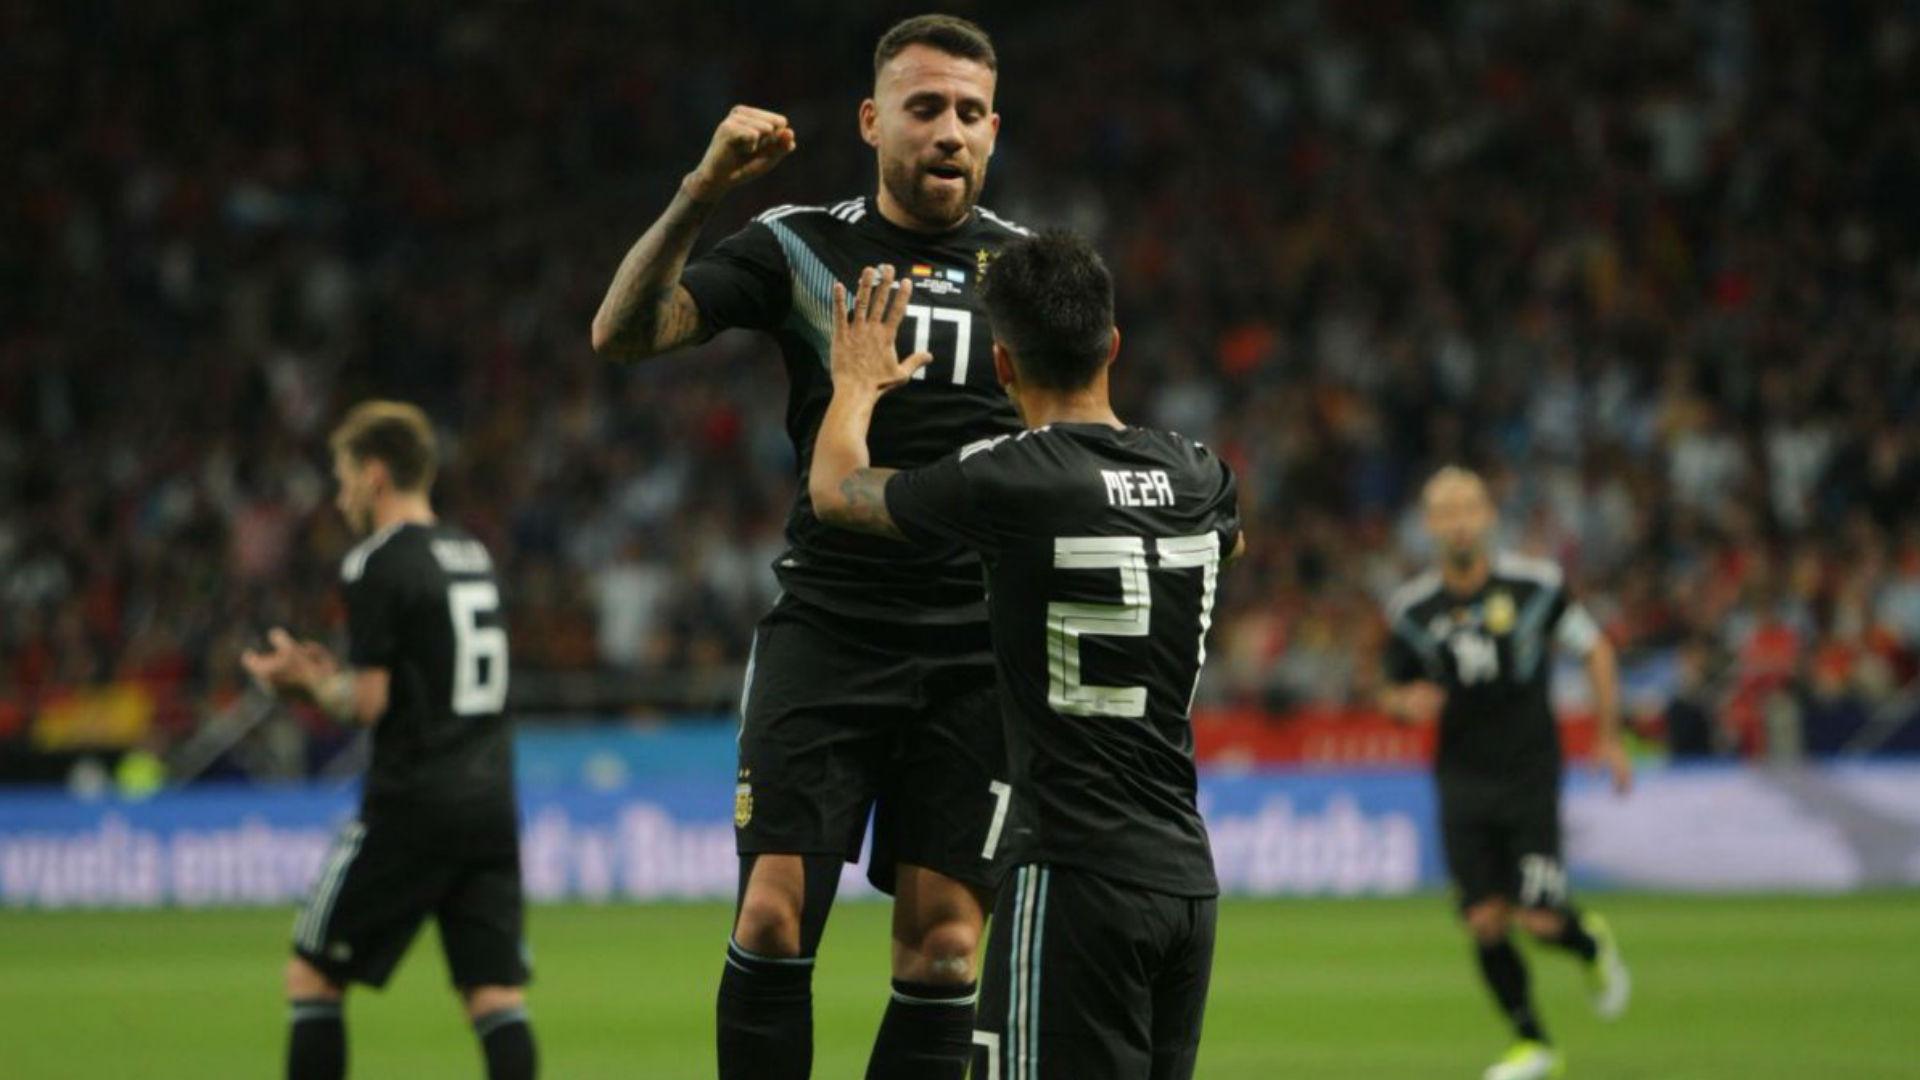 Mondiali 2018: Messi delude l'Argentina, 1-1 con l'Islanda